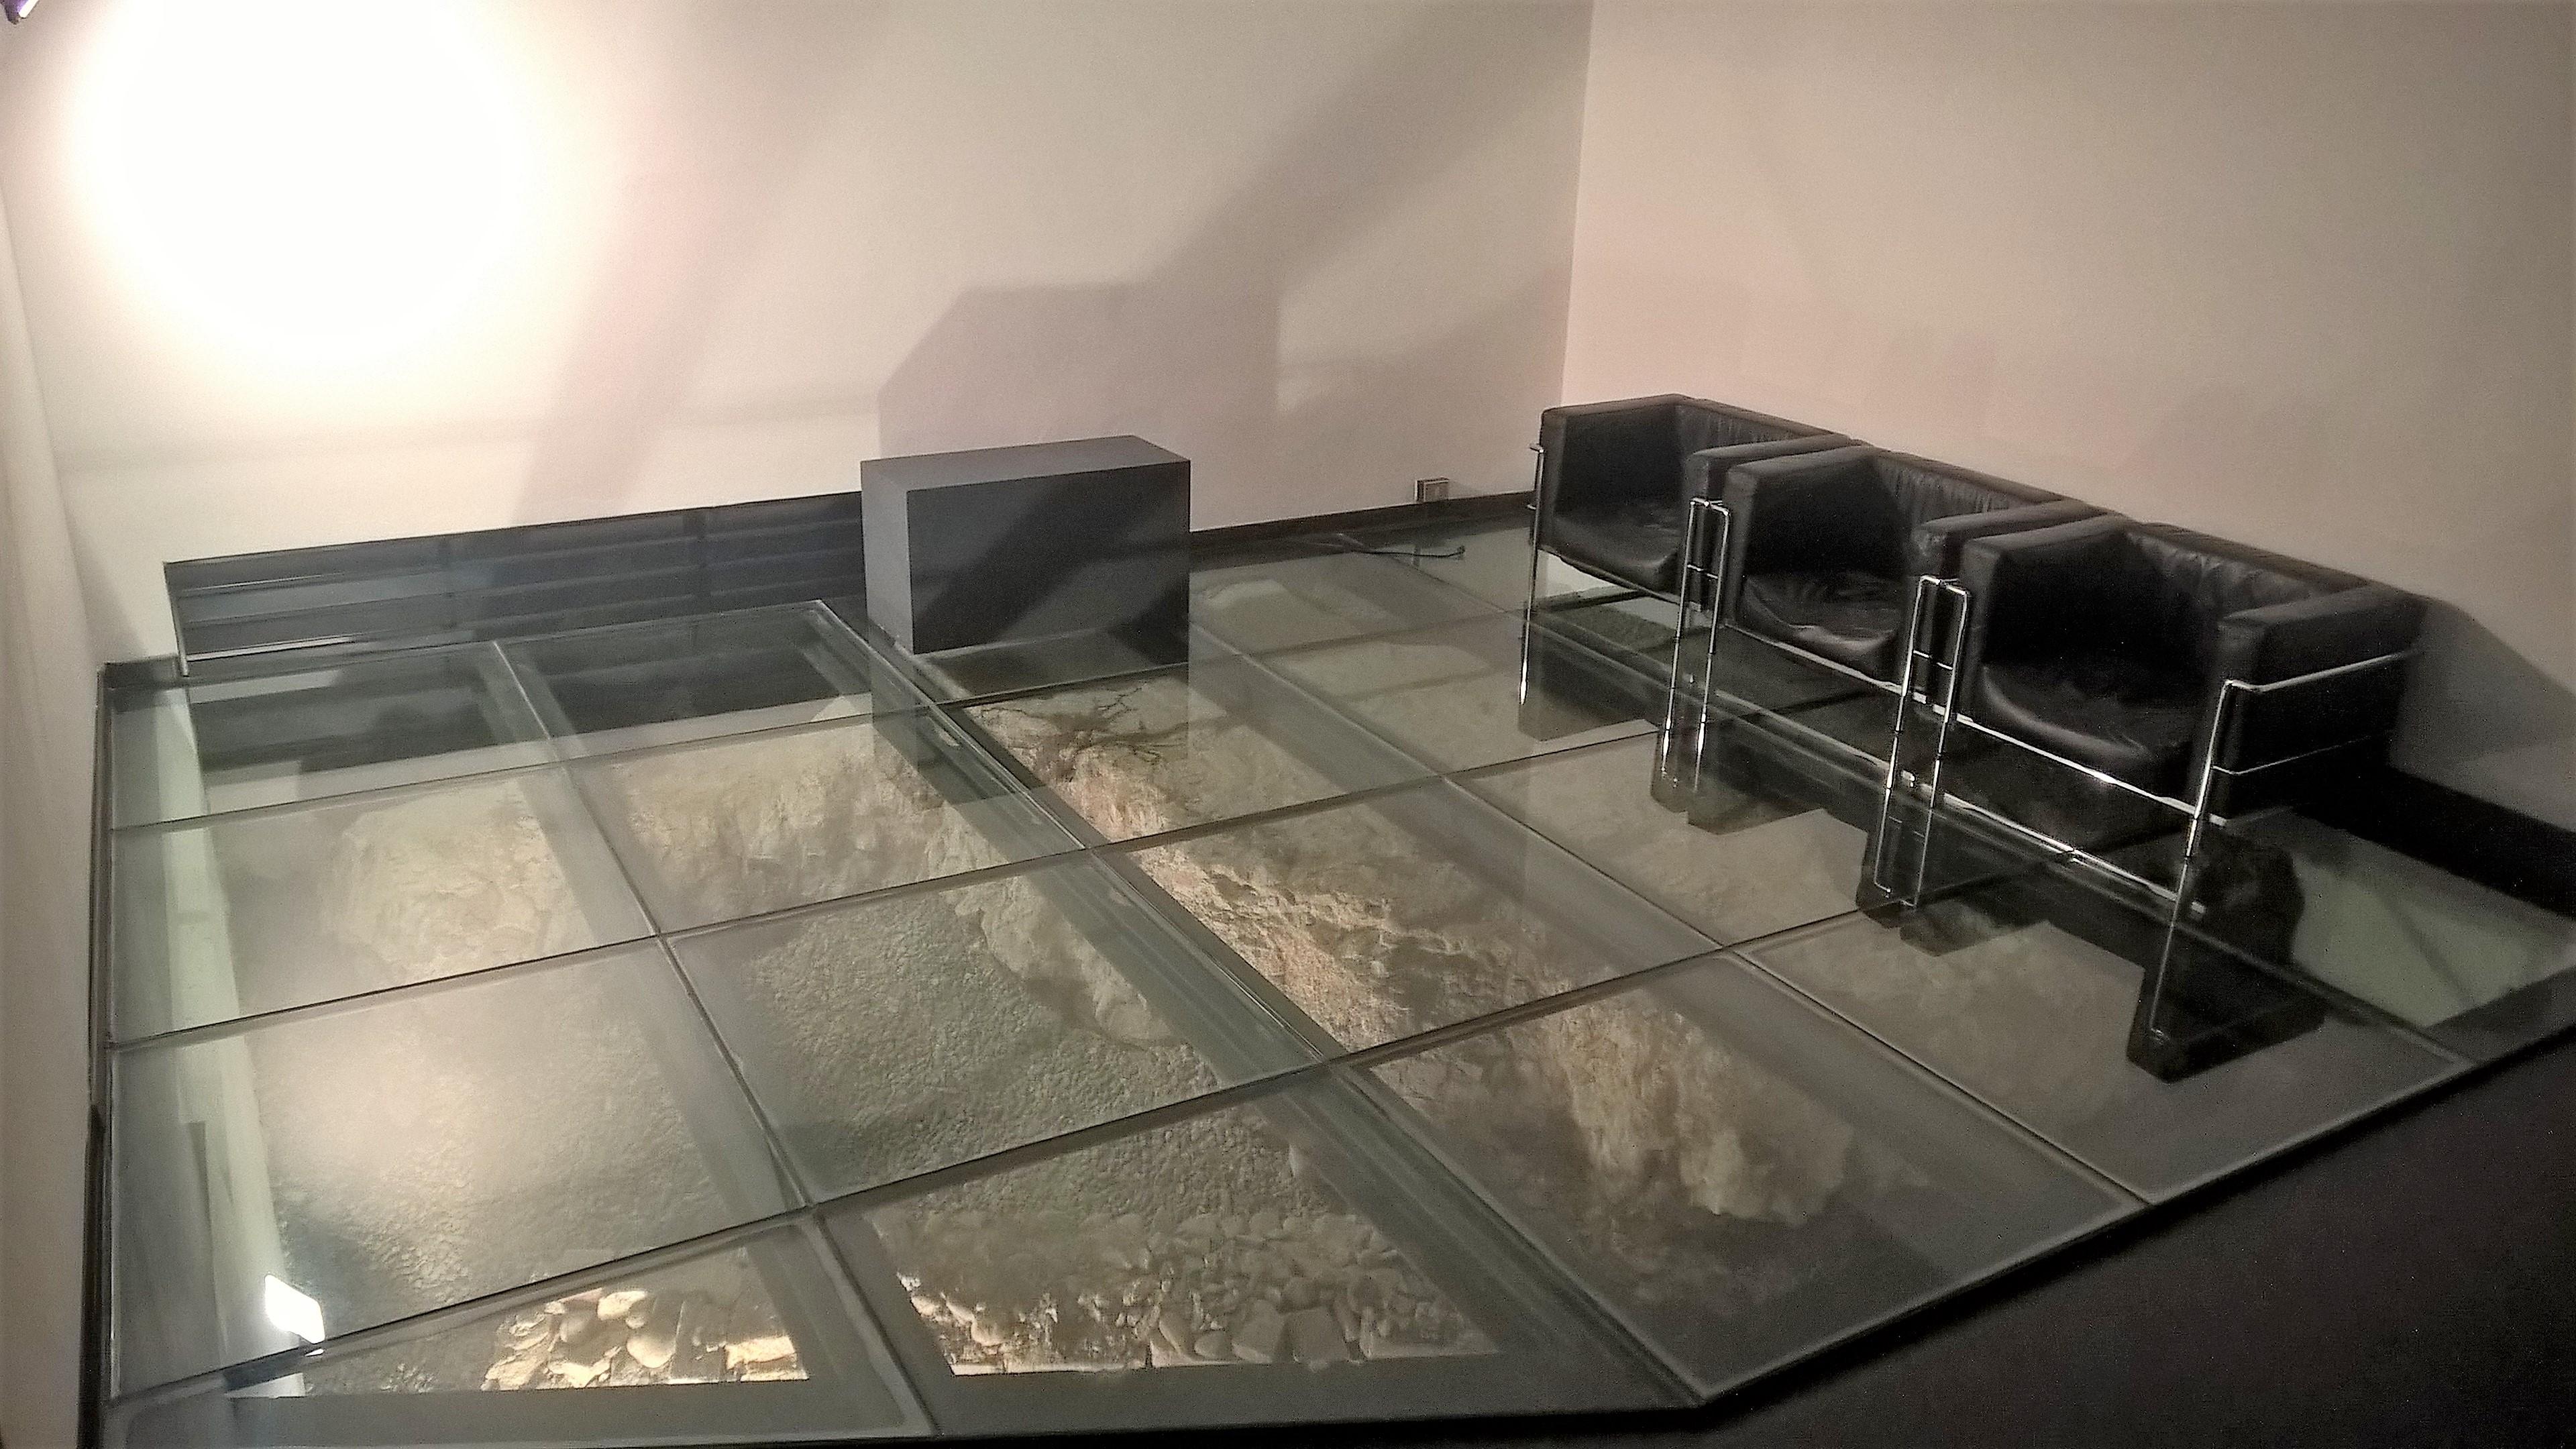 Centro cCulturale di Milano 2